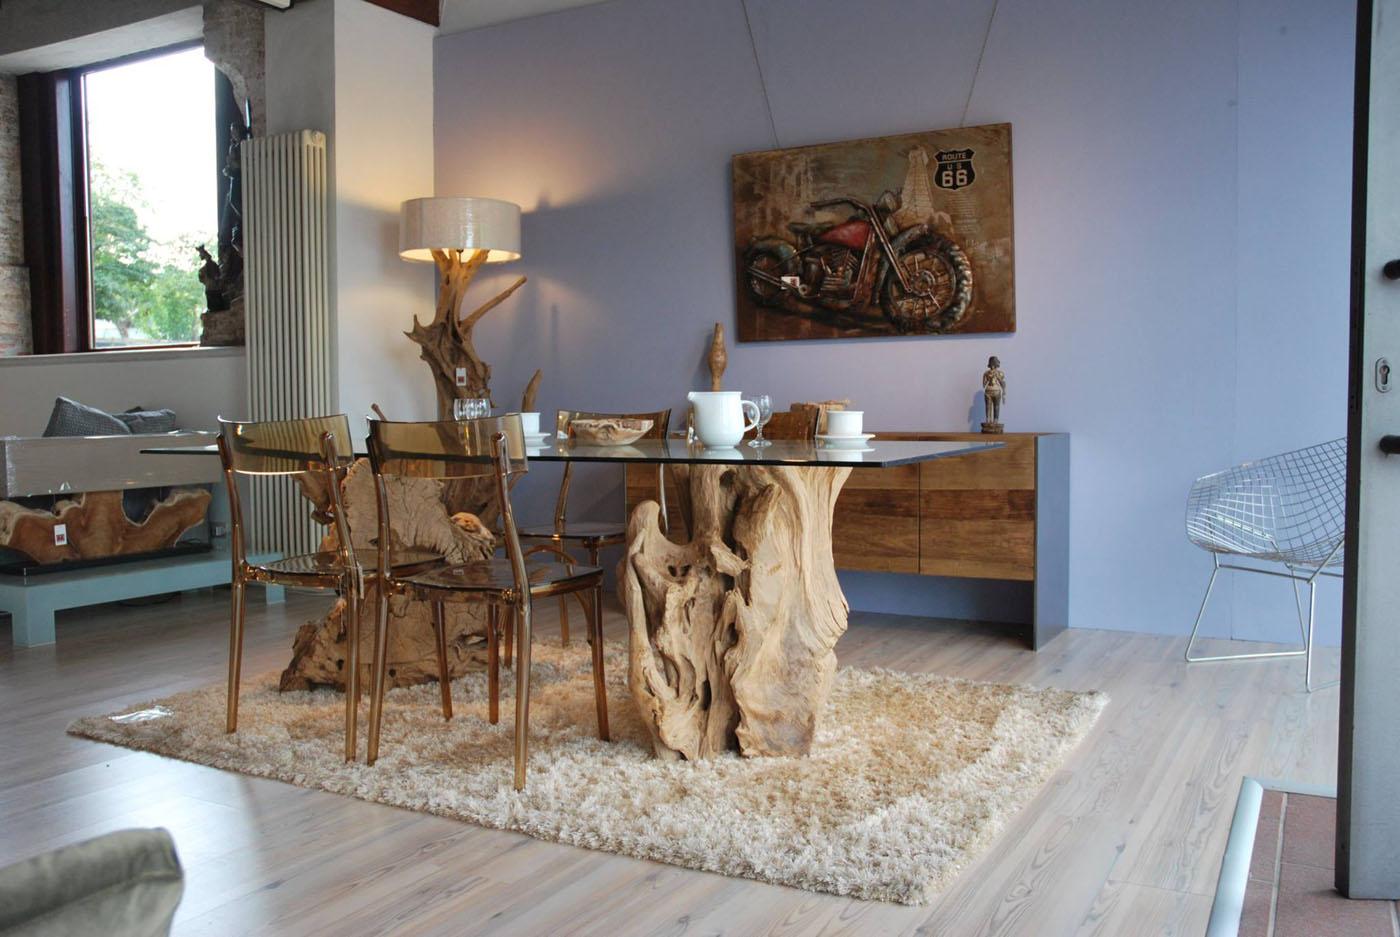 Arredamento Antico Classico : Showroom arredamenti cerato arredamento stile moderno classico